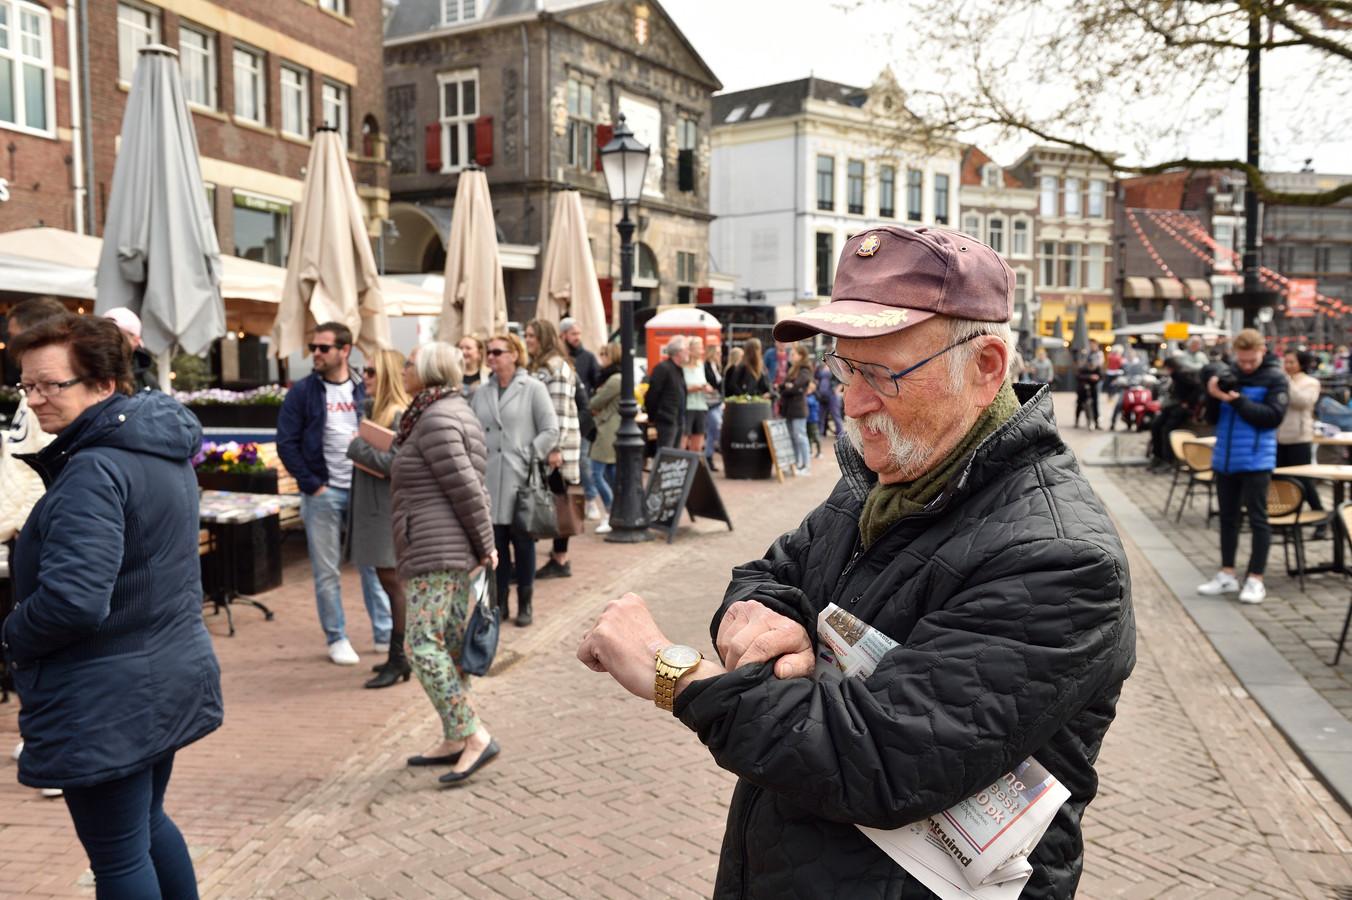 Ze stonden er in Gouda zo'n anderhalf uur voor in de rij: weer heerlijk aanschuiven op een terrasje in de lentezon. Dit en de open winkels leidde tot extra drukte in de steden.